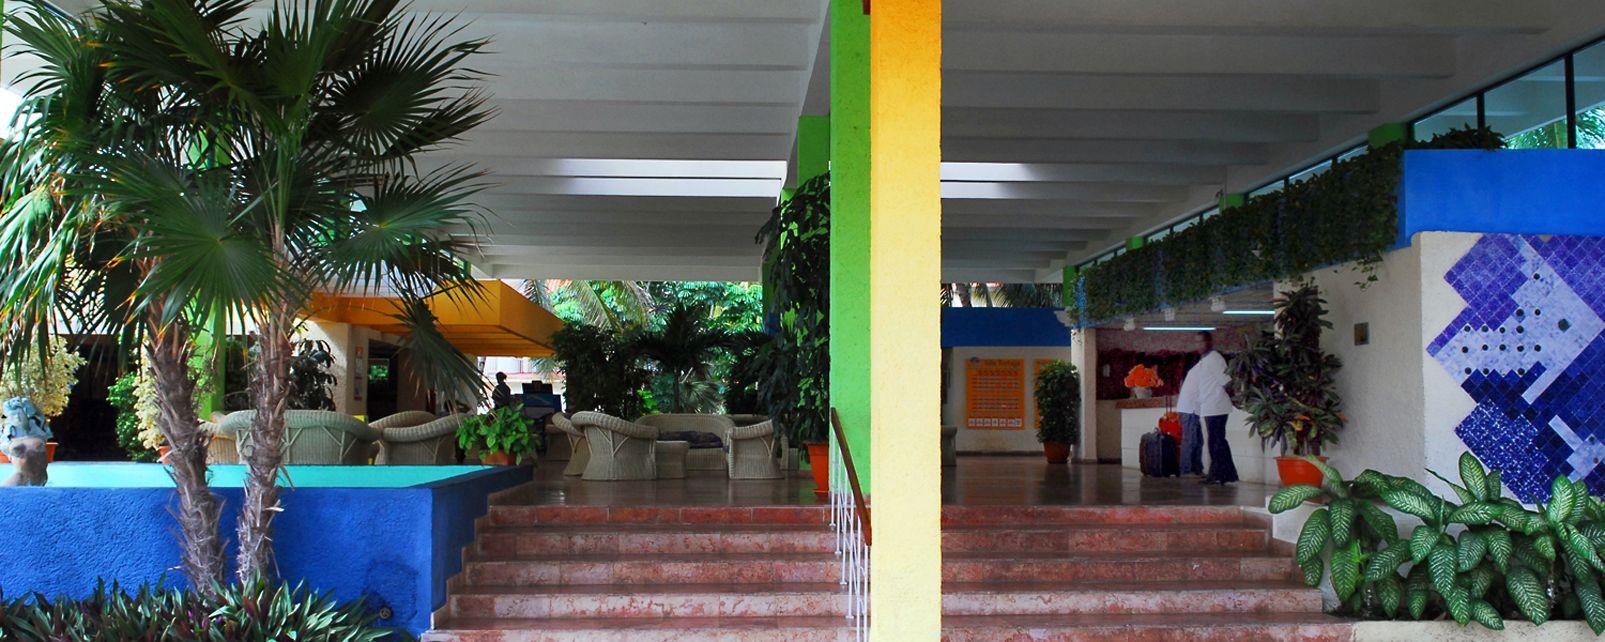 Hotel Villa Tortuga Laurel